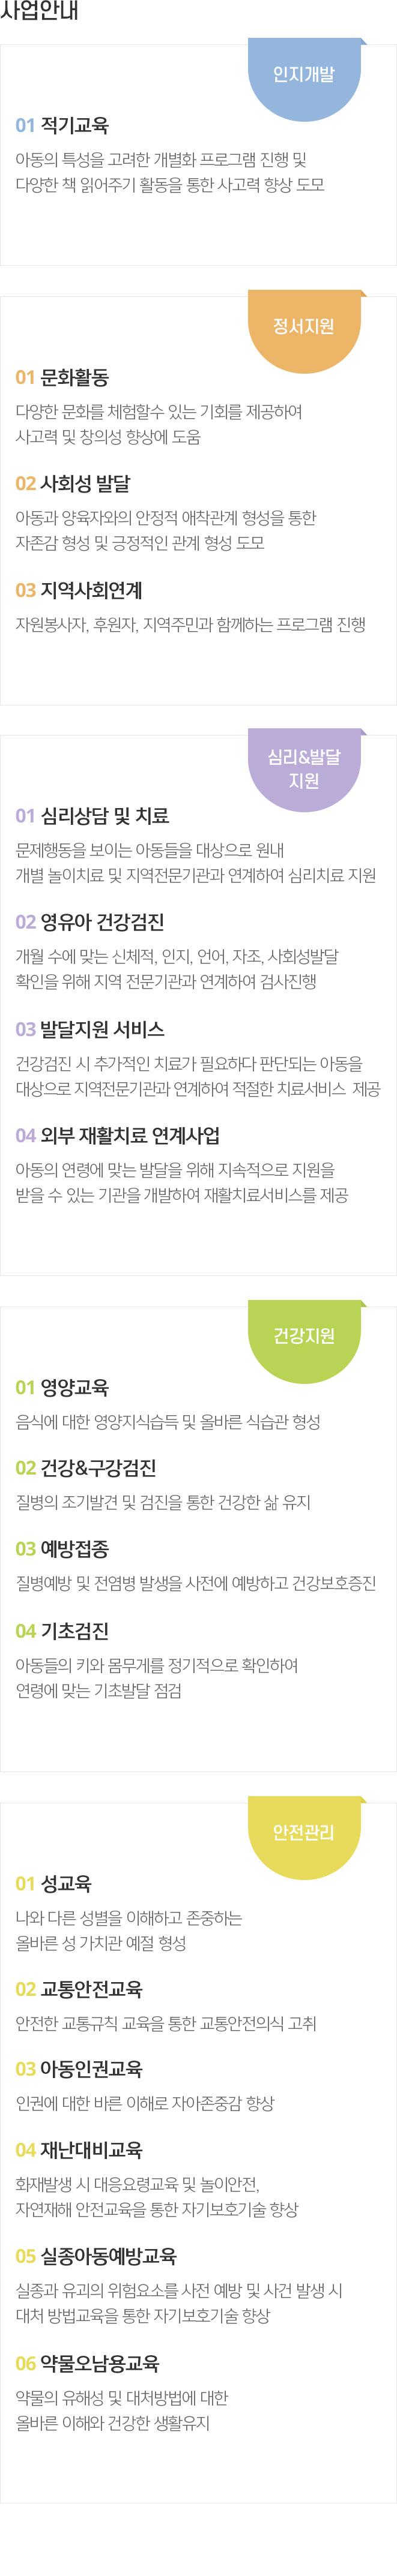 홍익영아원 소개